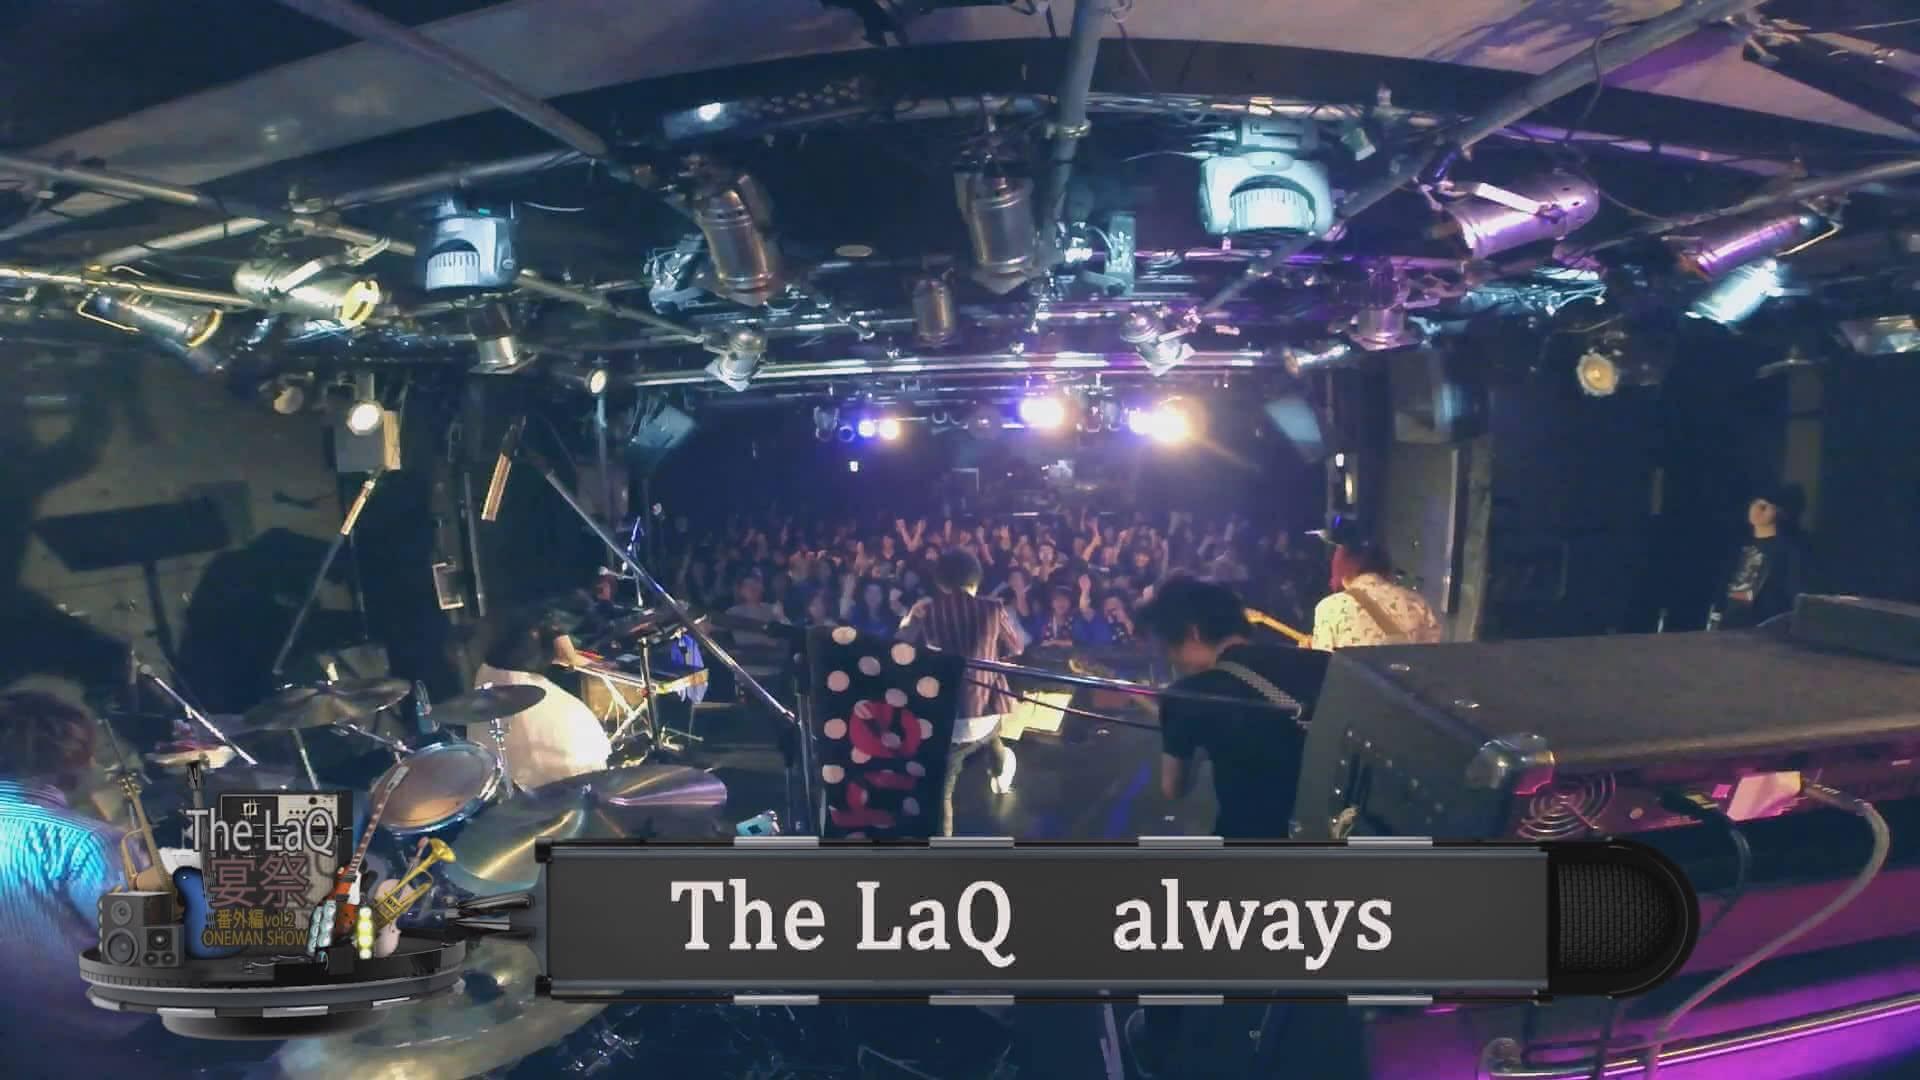 さあ最高に楽しいインディズバンドさまのライブ映像です・The LaQ - always(LIVE)